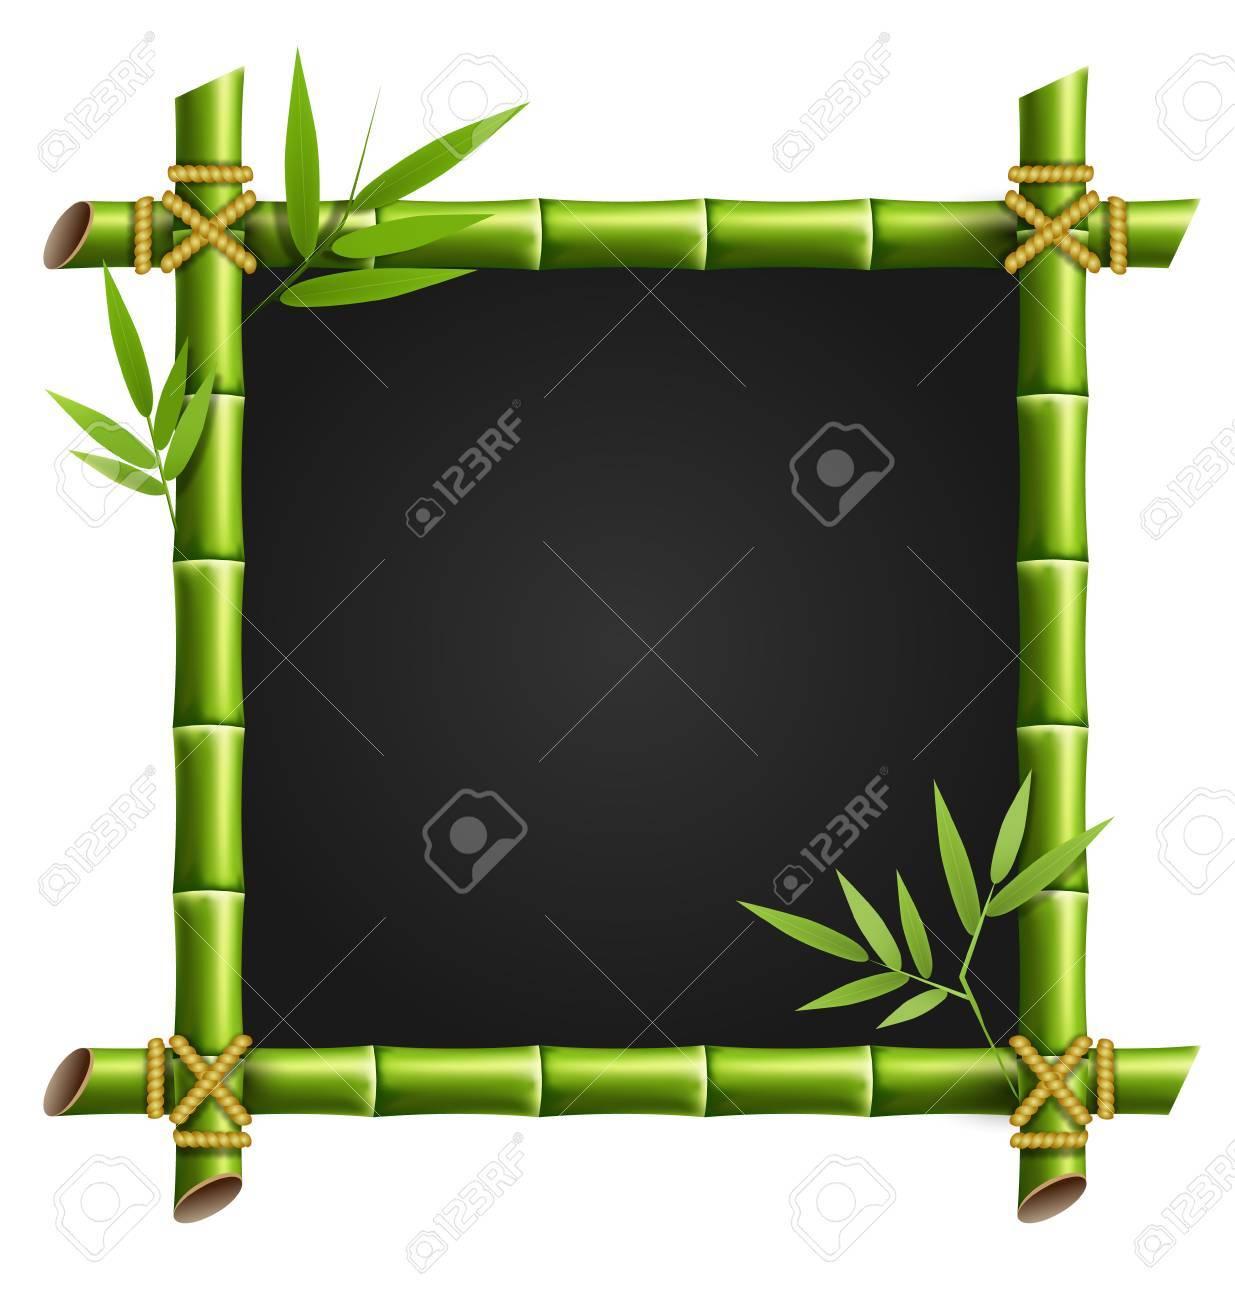 Grüner Bambus-Rahmen Auf Weißem Hintergrund Lizenzfrei Nutzbare ...